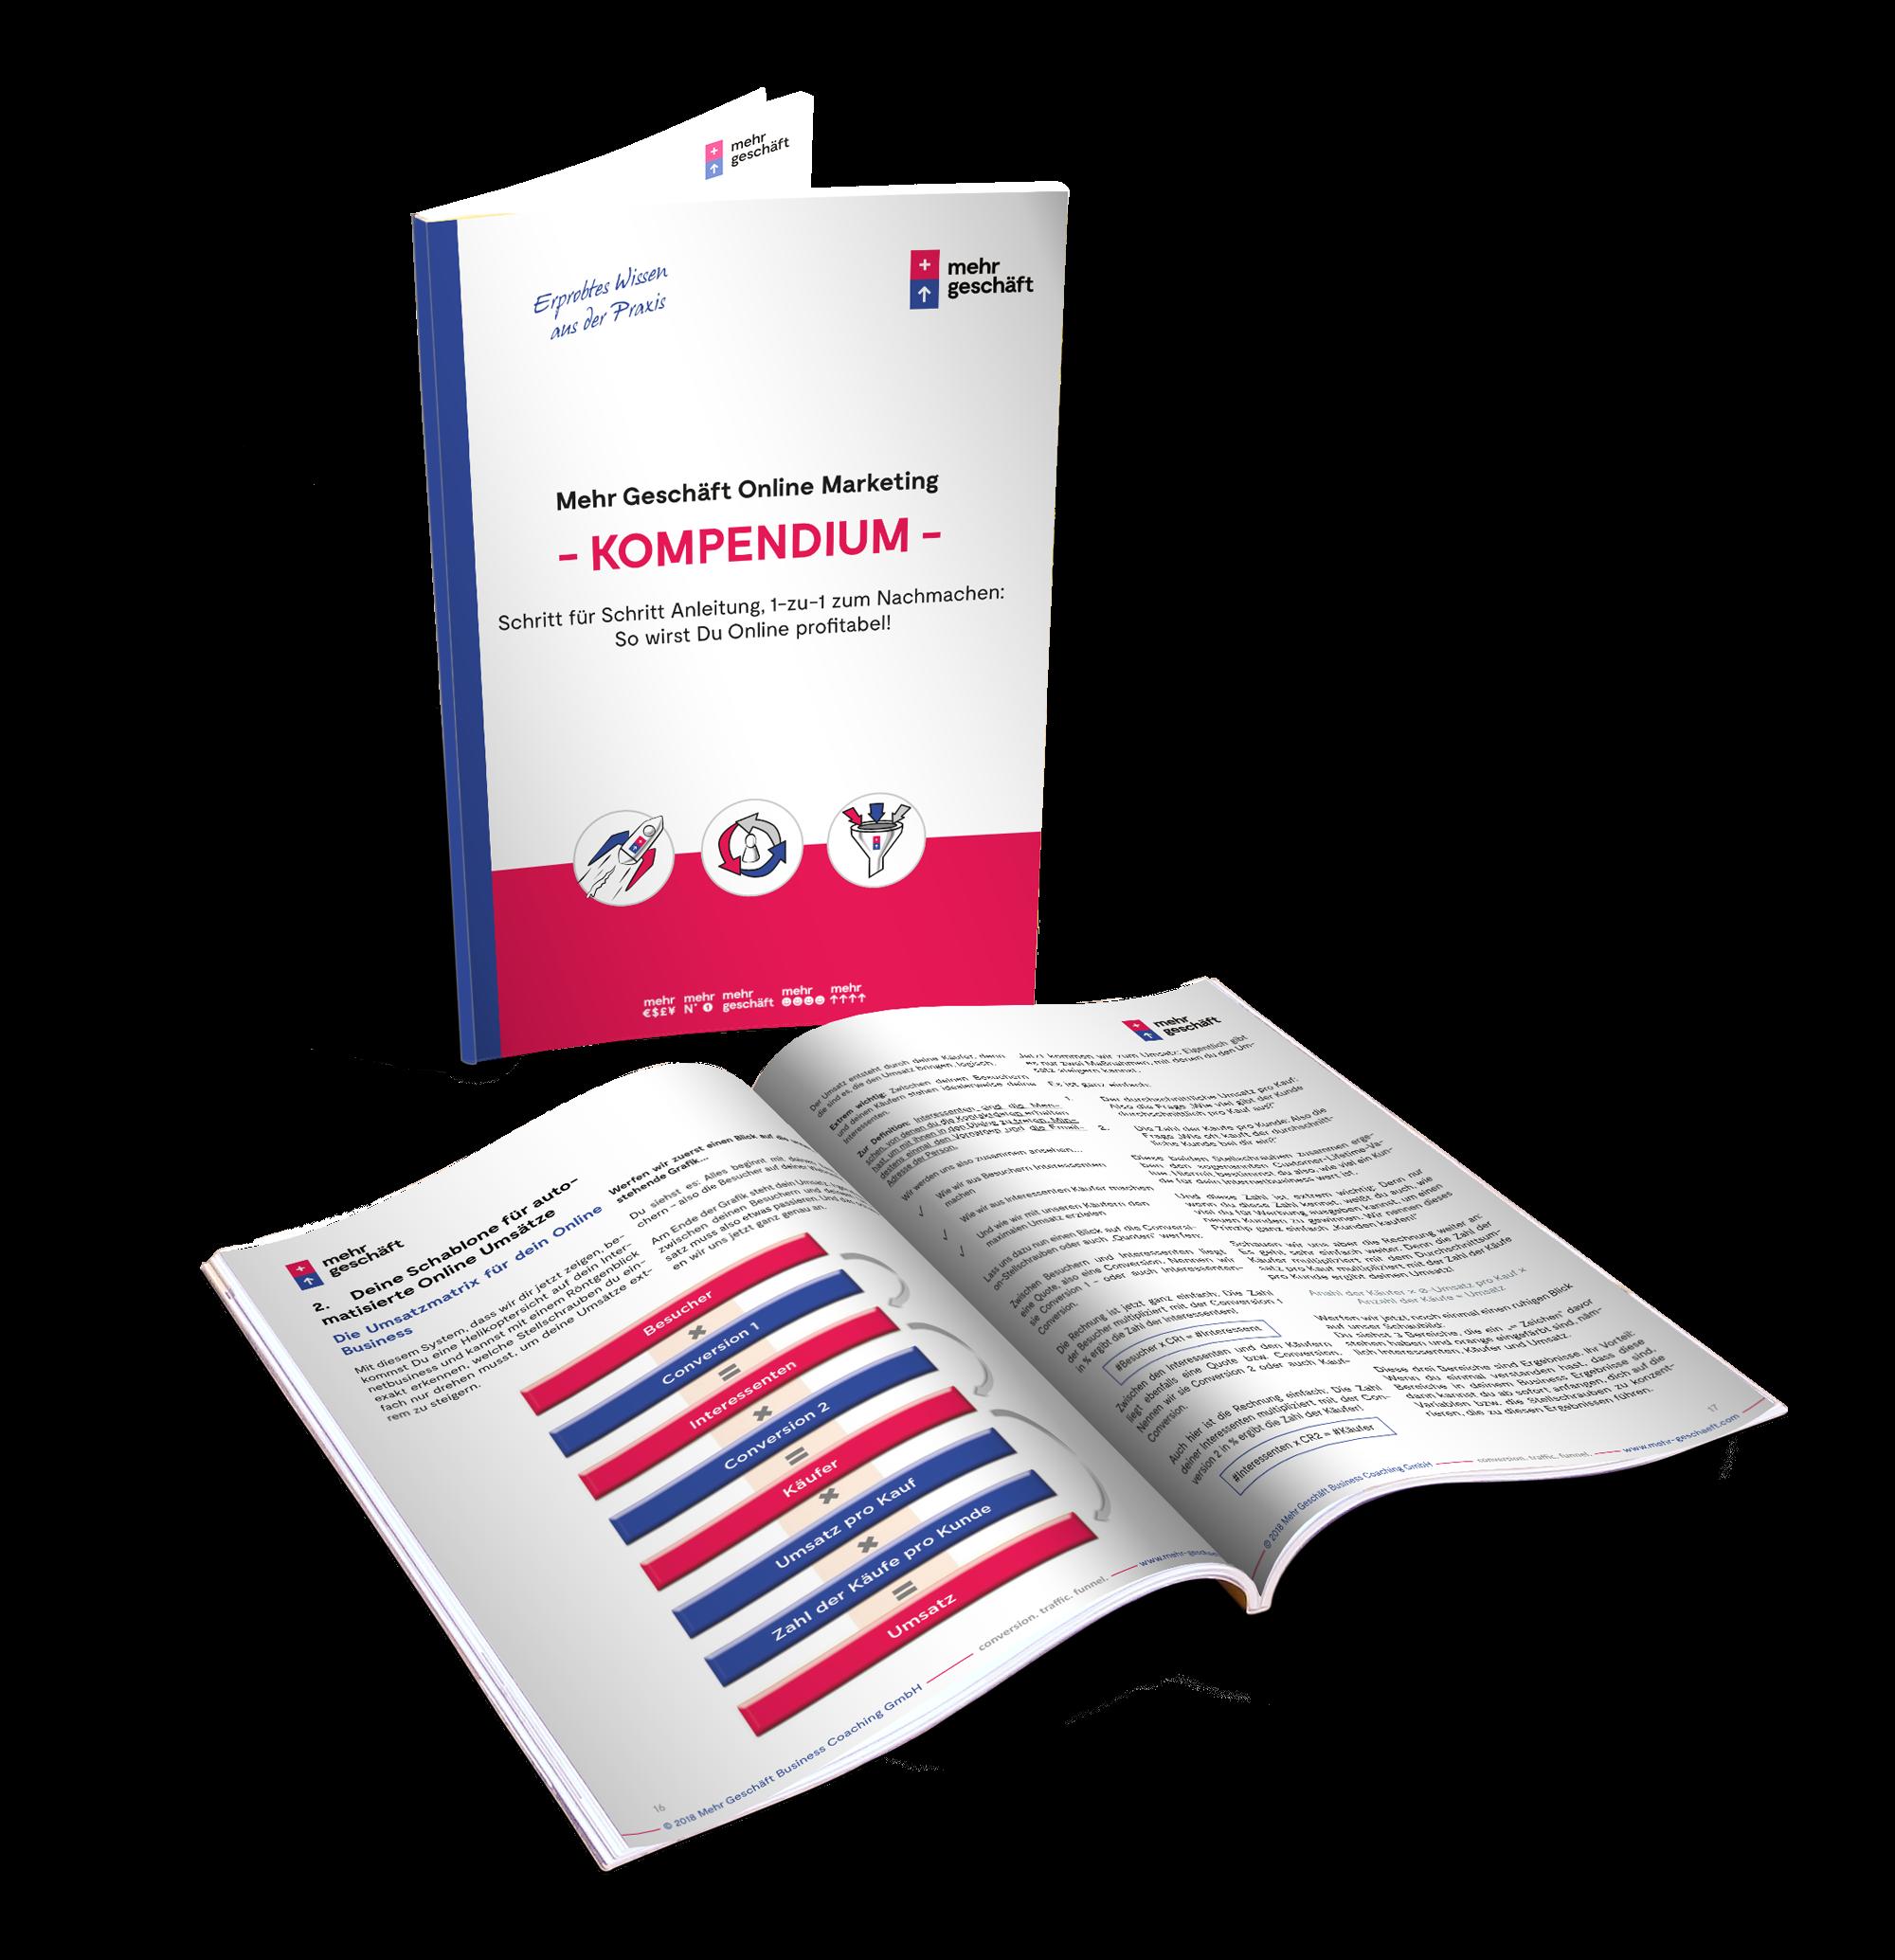 Buch zum Thema Online Marketing